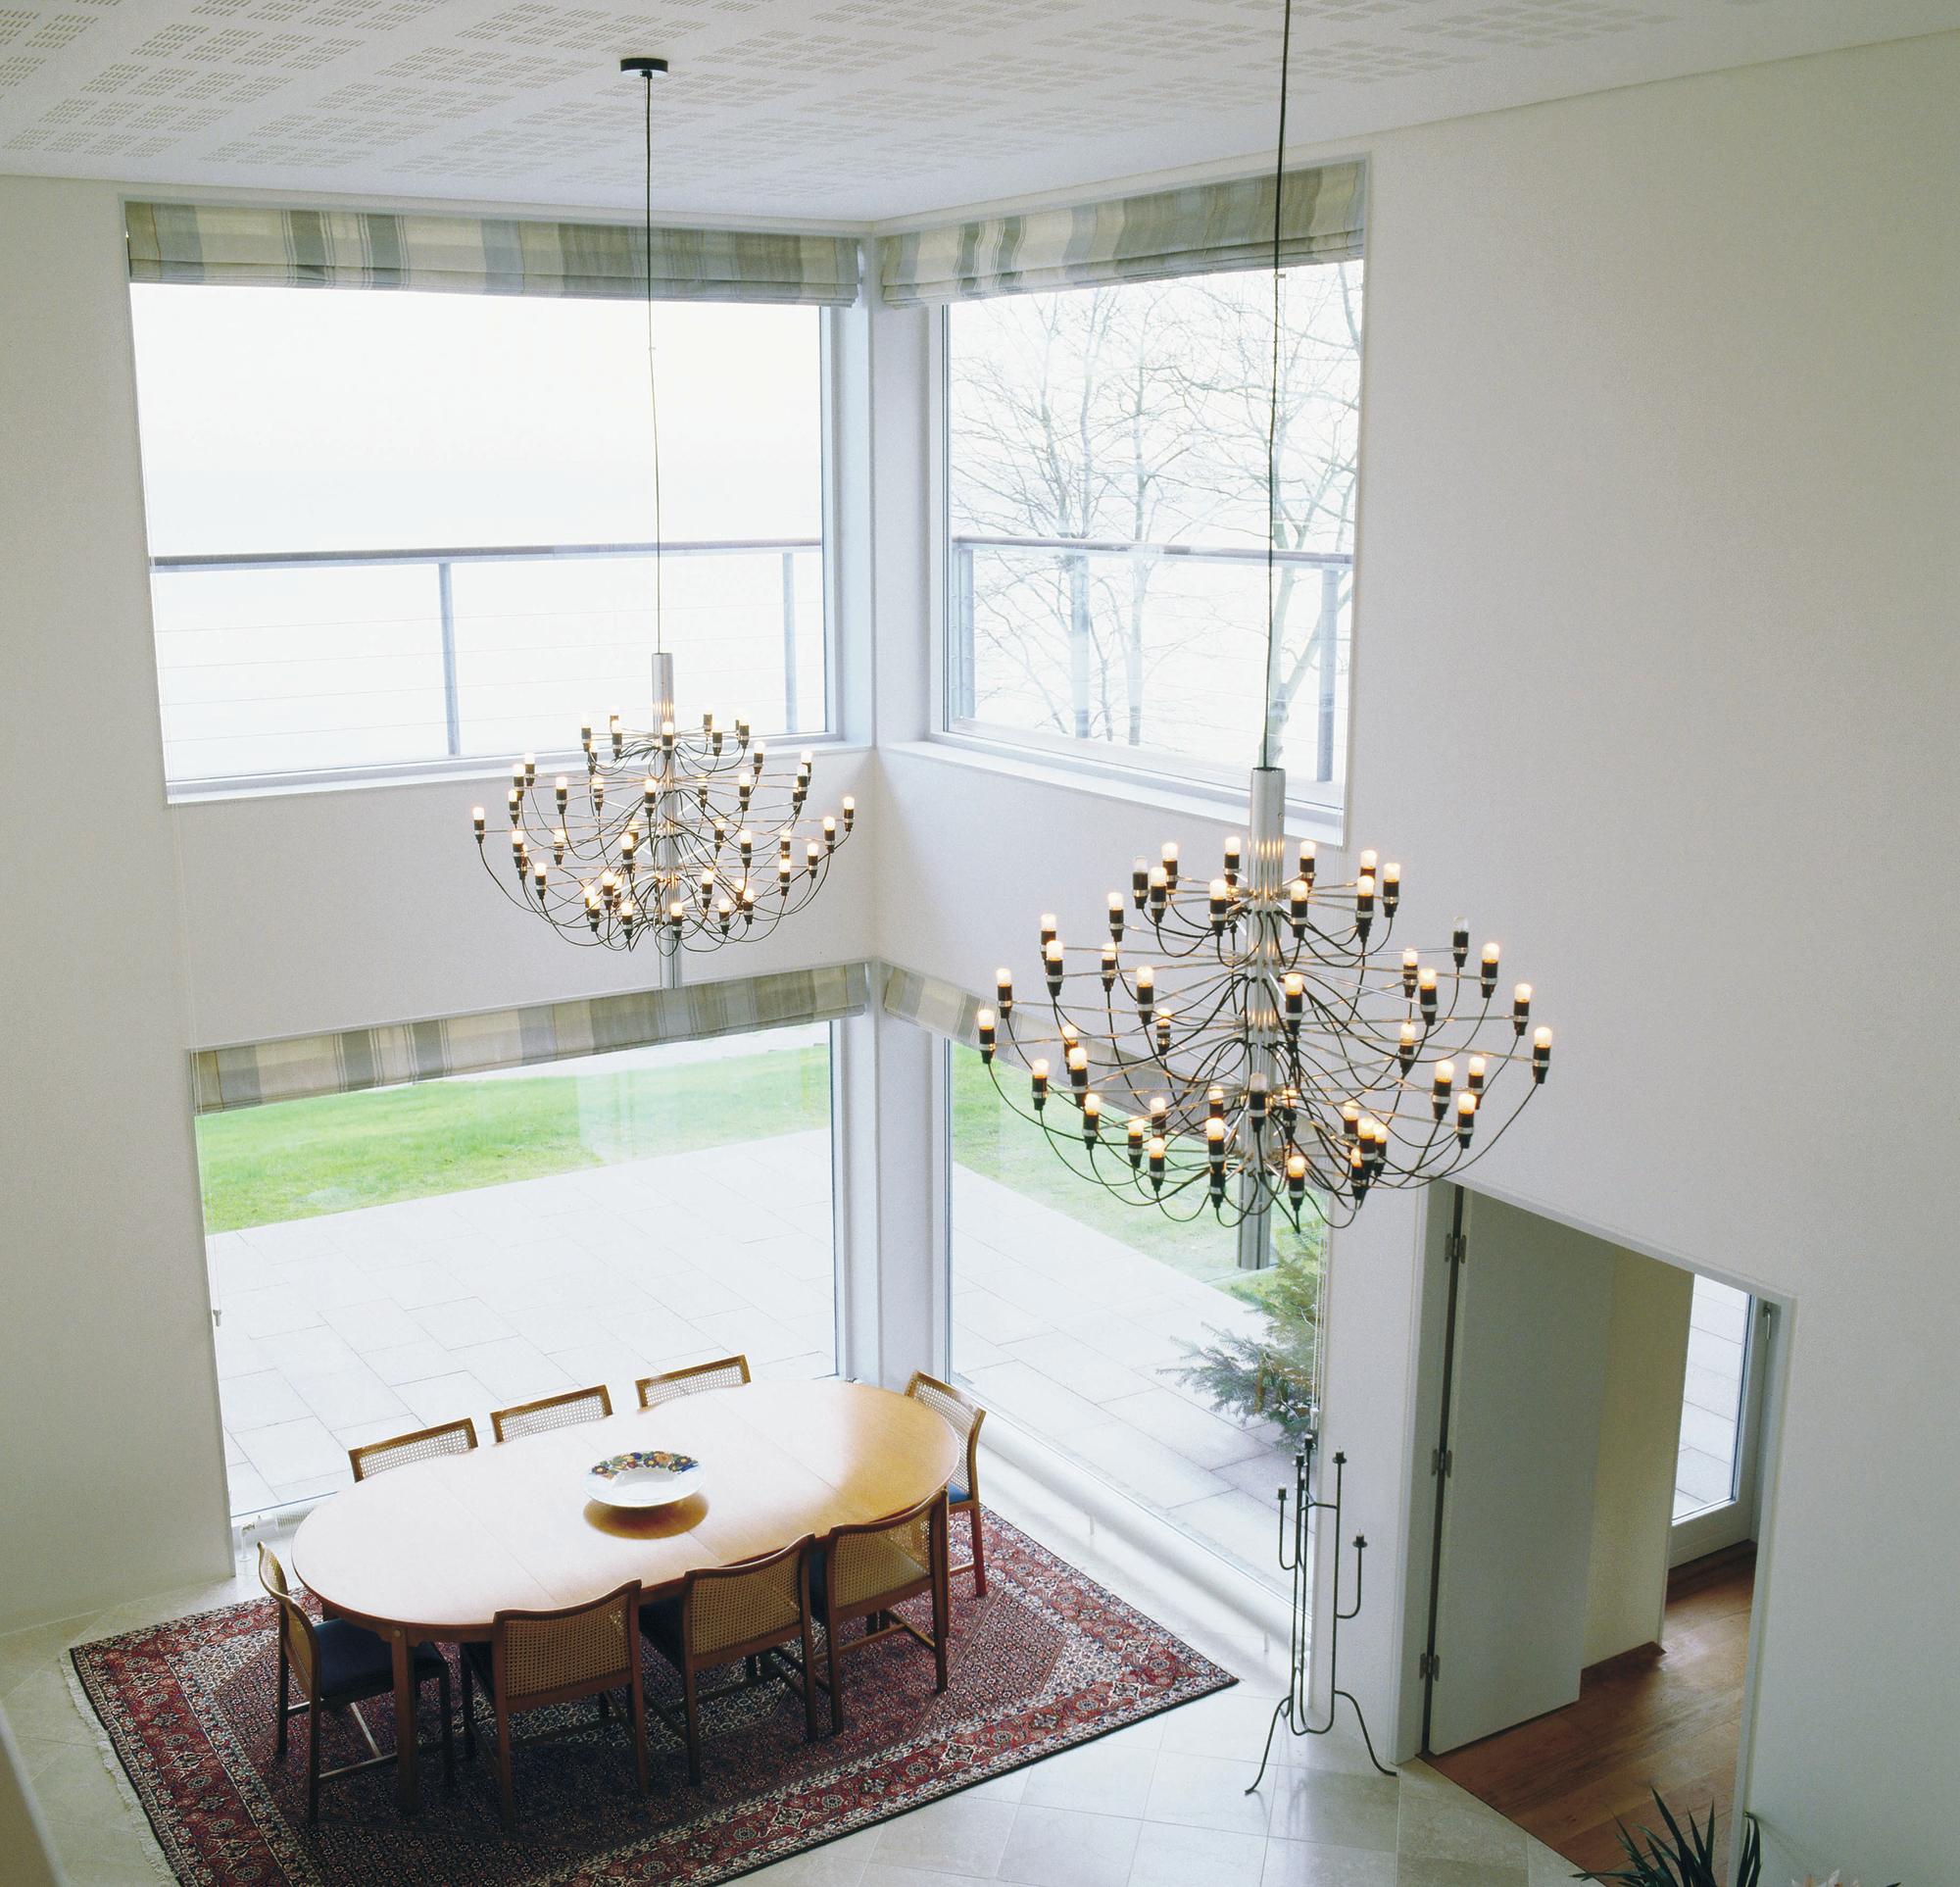 2097 / 50 Pendant lamp large Flos chrome